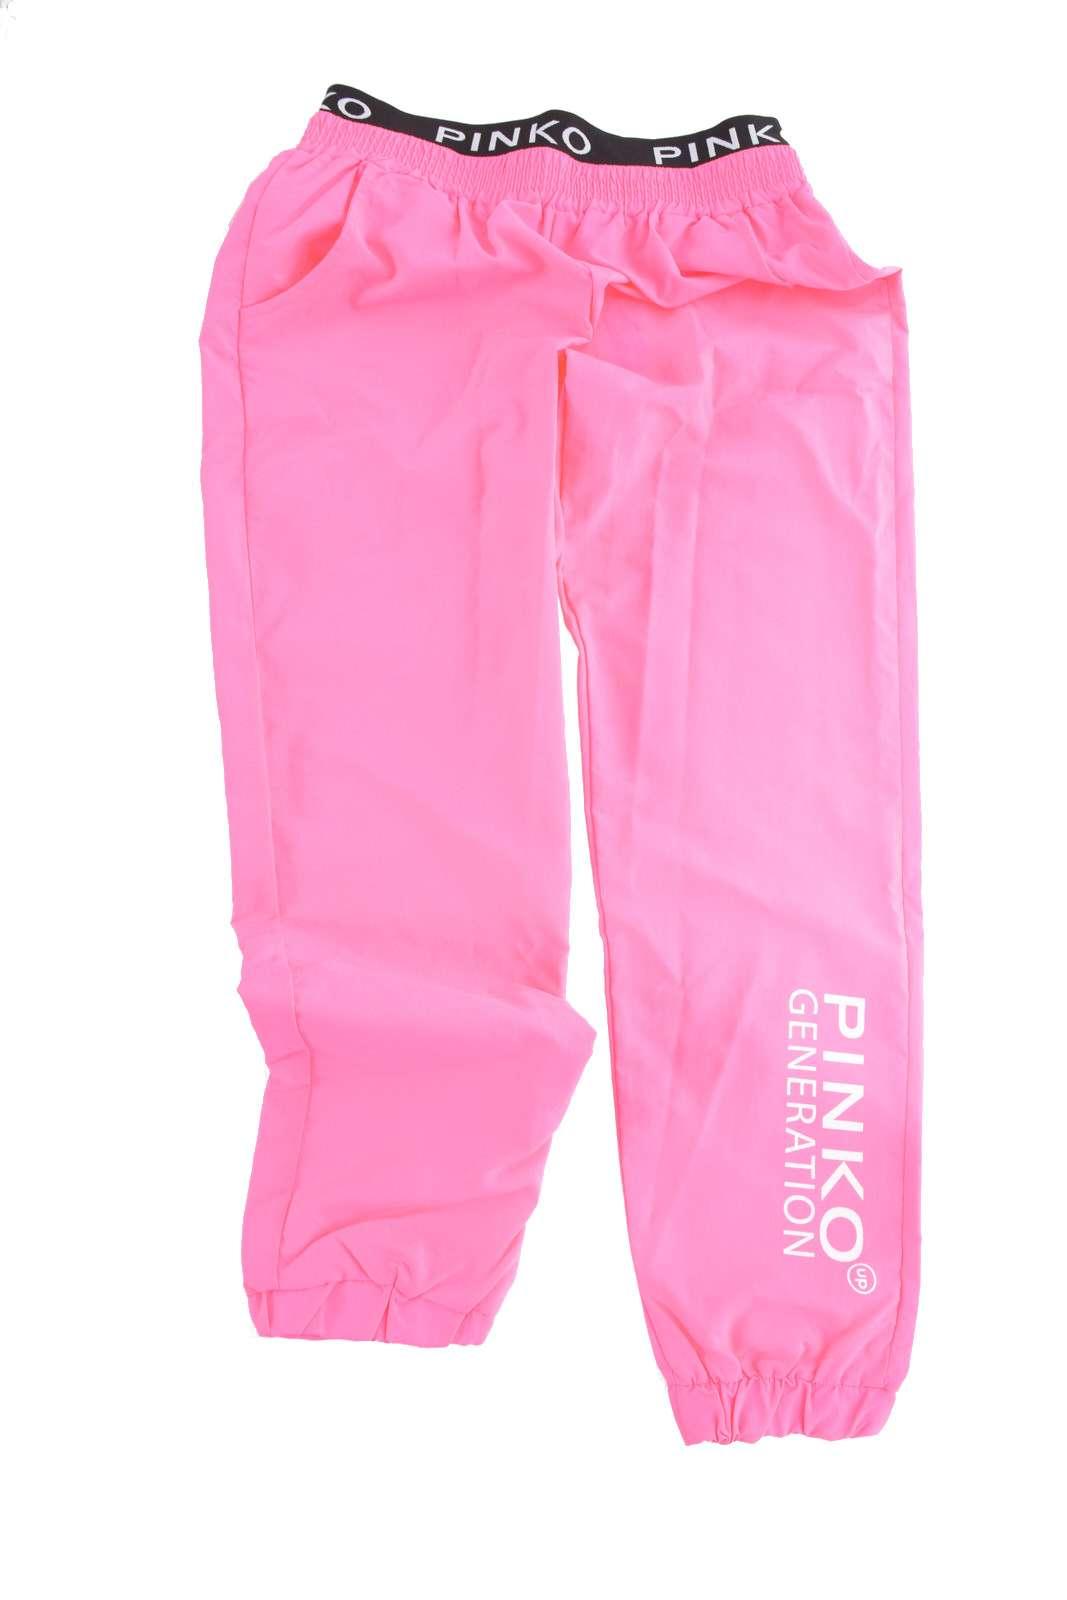 Un pantalone fashion quello proposto dalla collezione Pinko bambina.  Da indossare nelle giornate estive per fare attività fisica.  Da abbinare con una t shirt è perfetta.